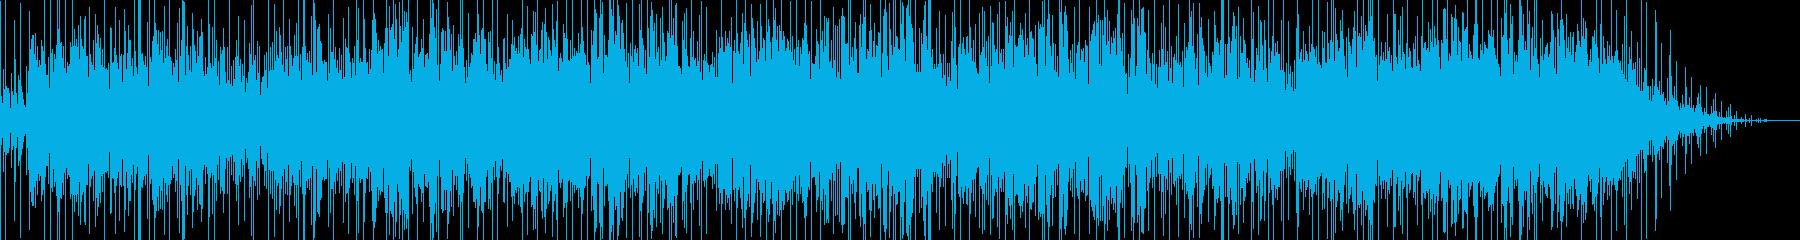 ブラスバンドが印象的な洋楽風ポップスの再生済みの波形